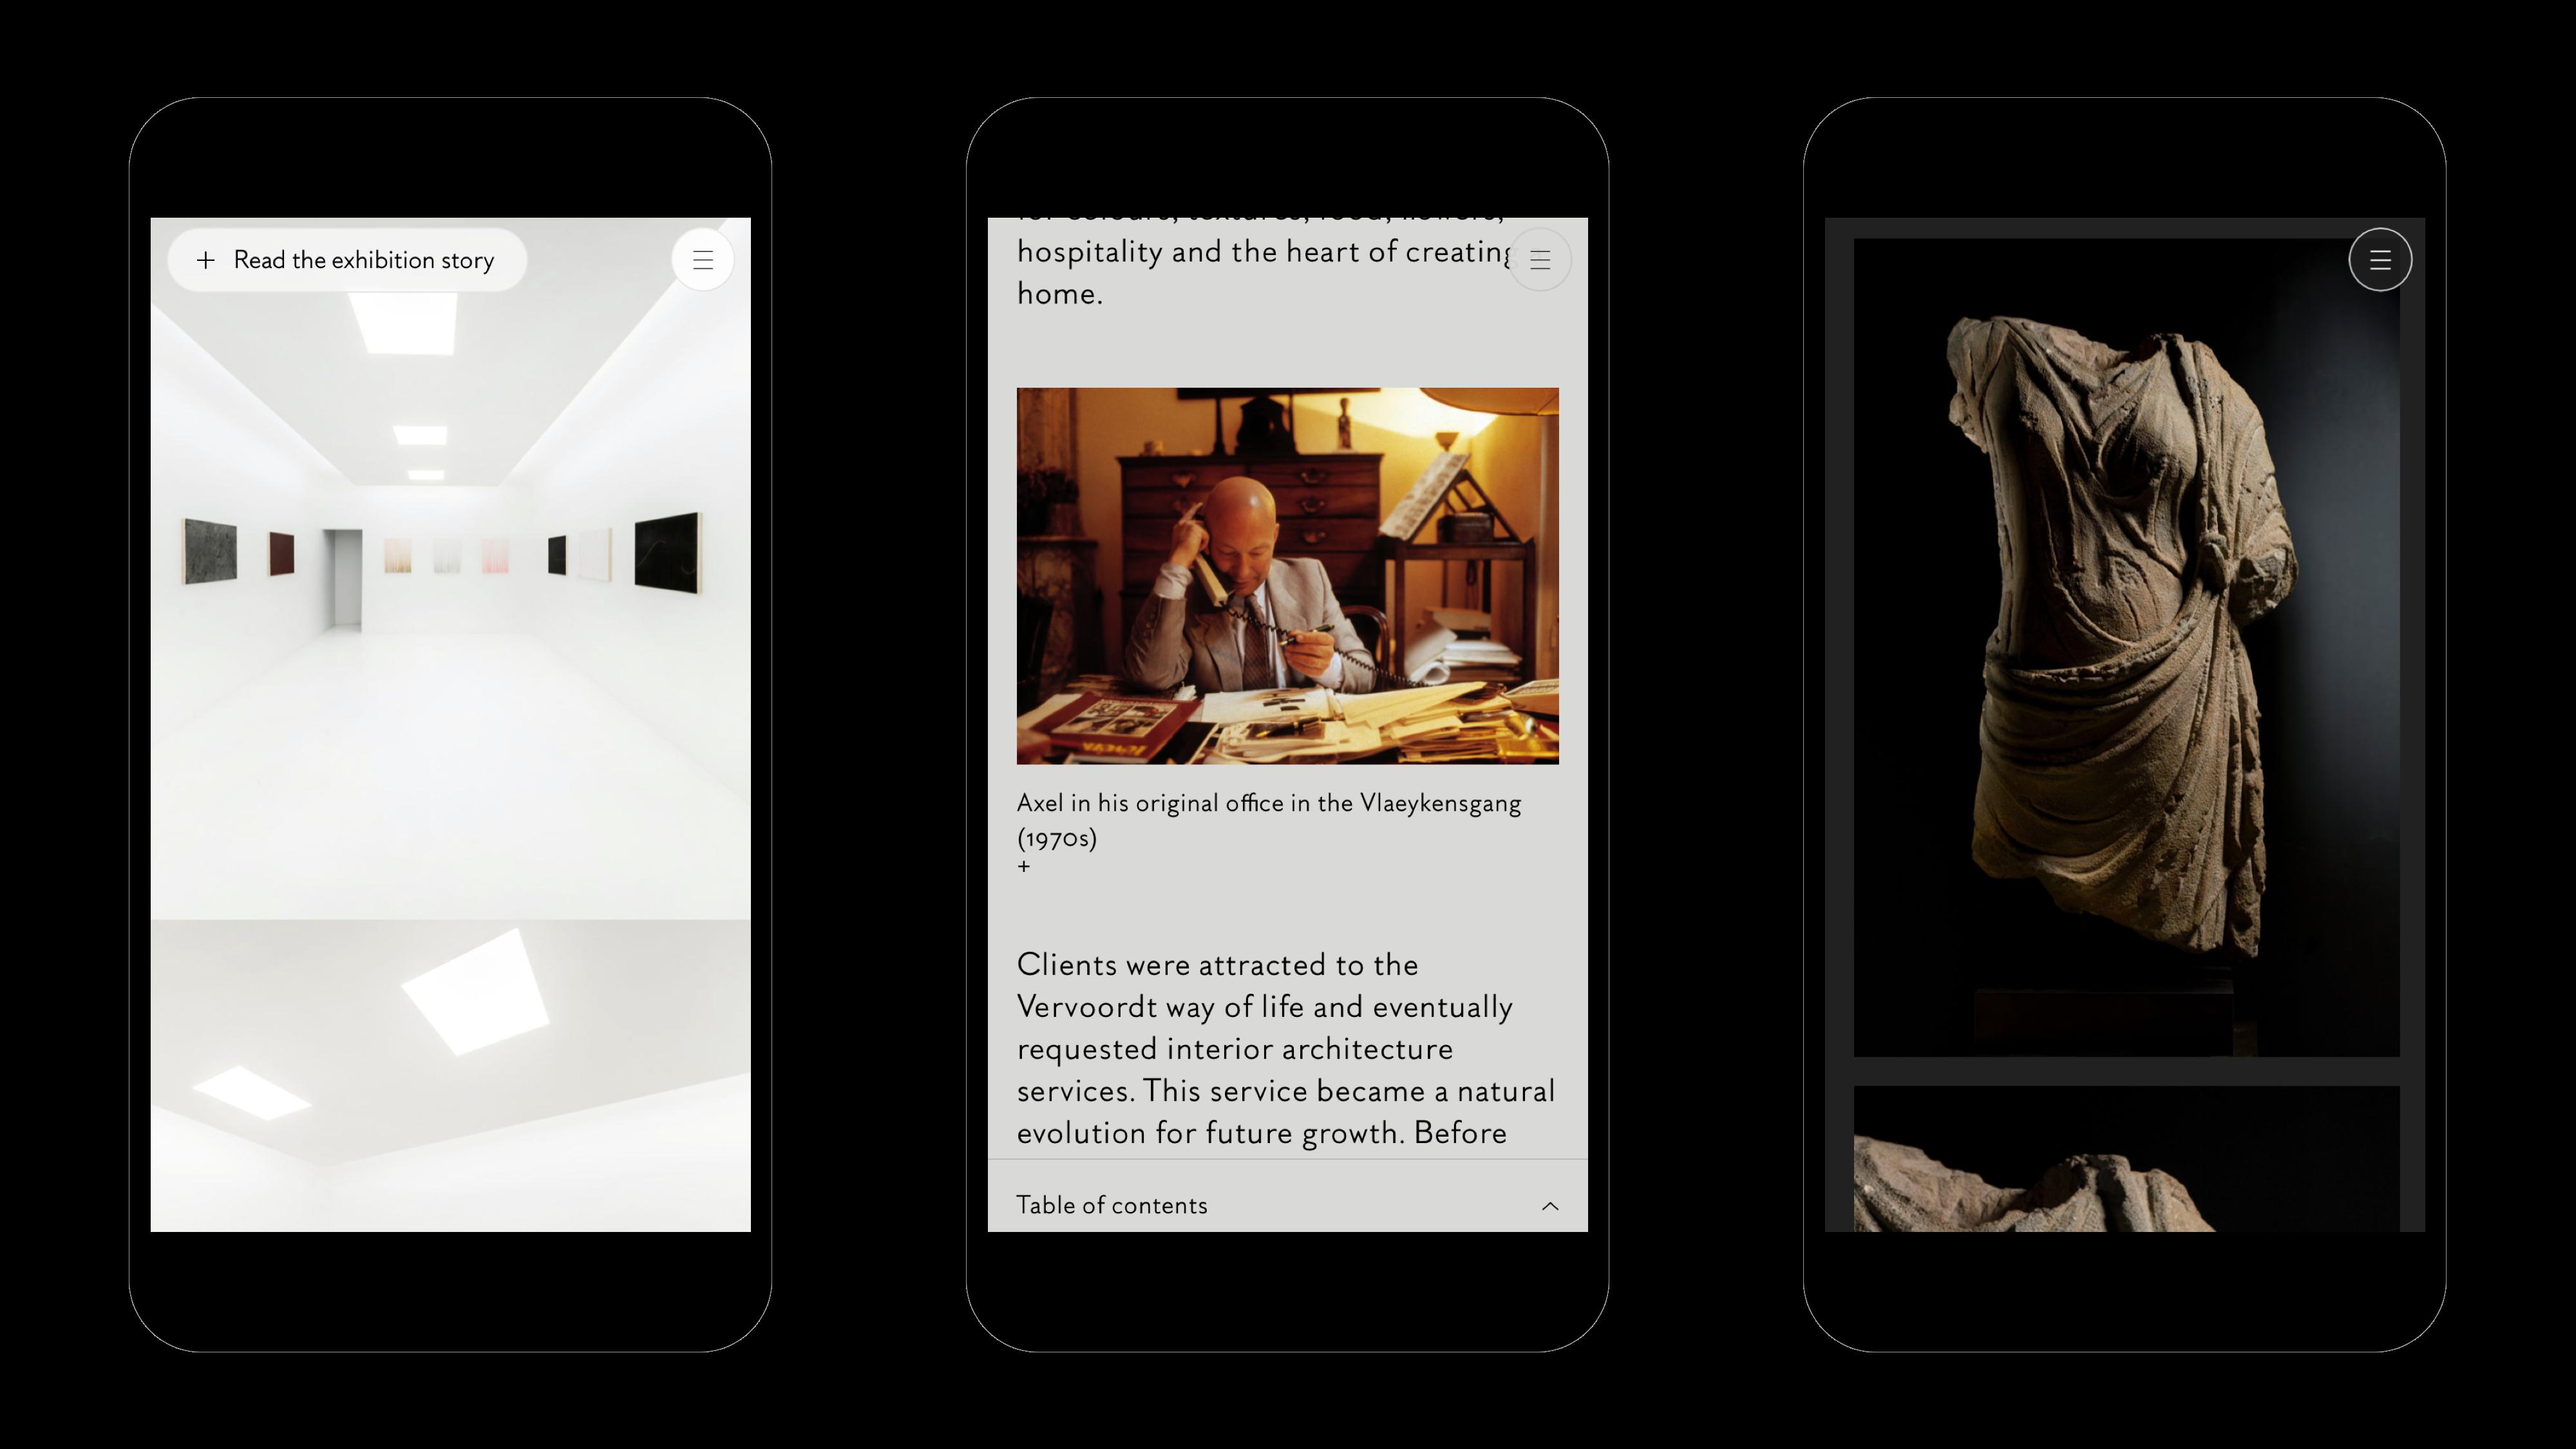 Mobile screenshots of the axel vervoordt website